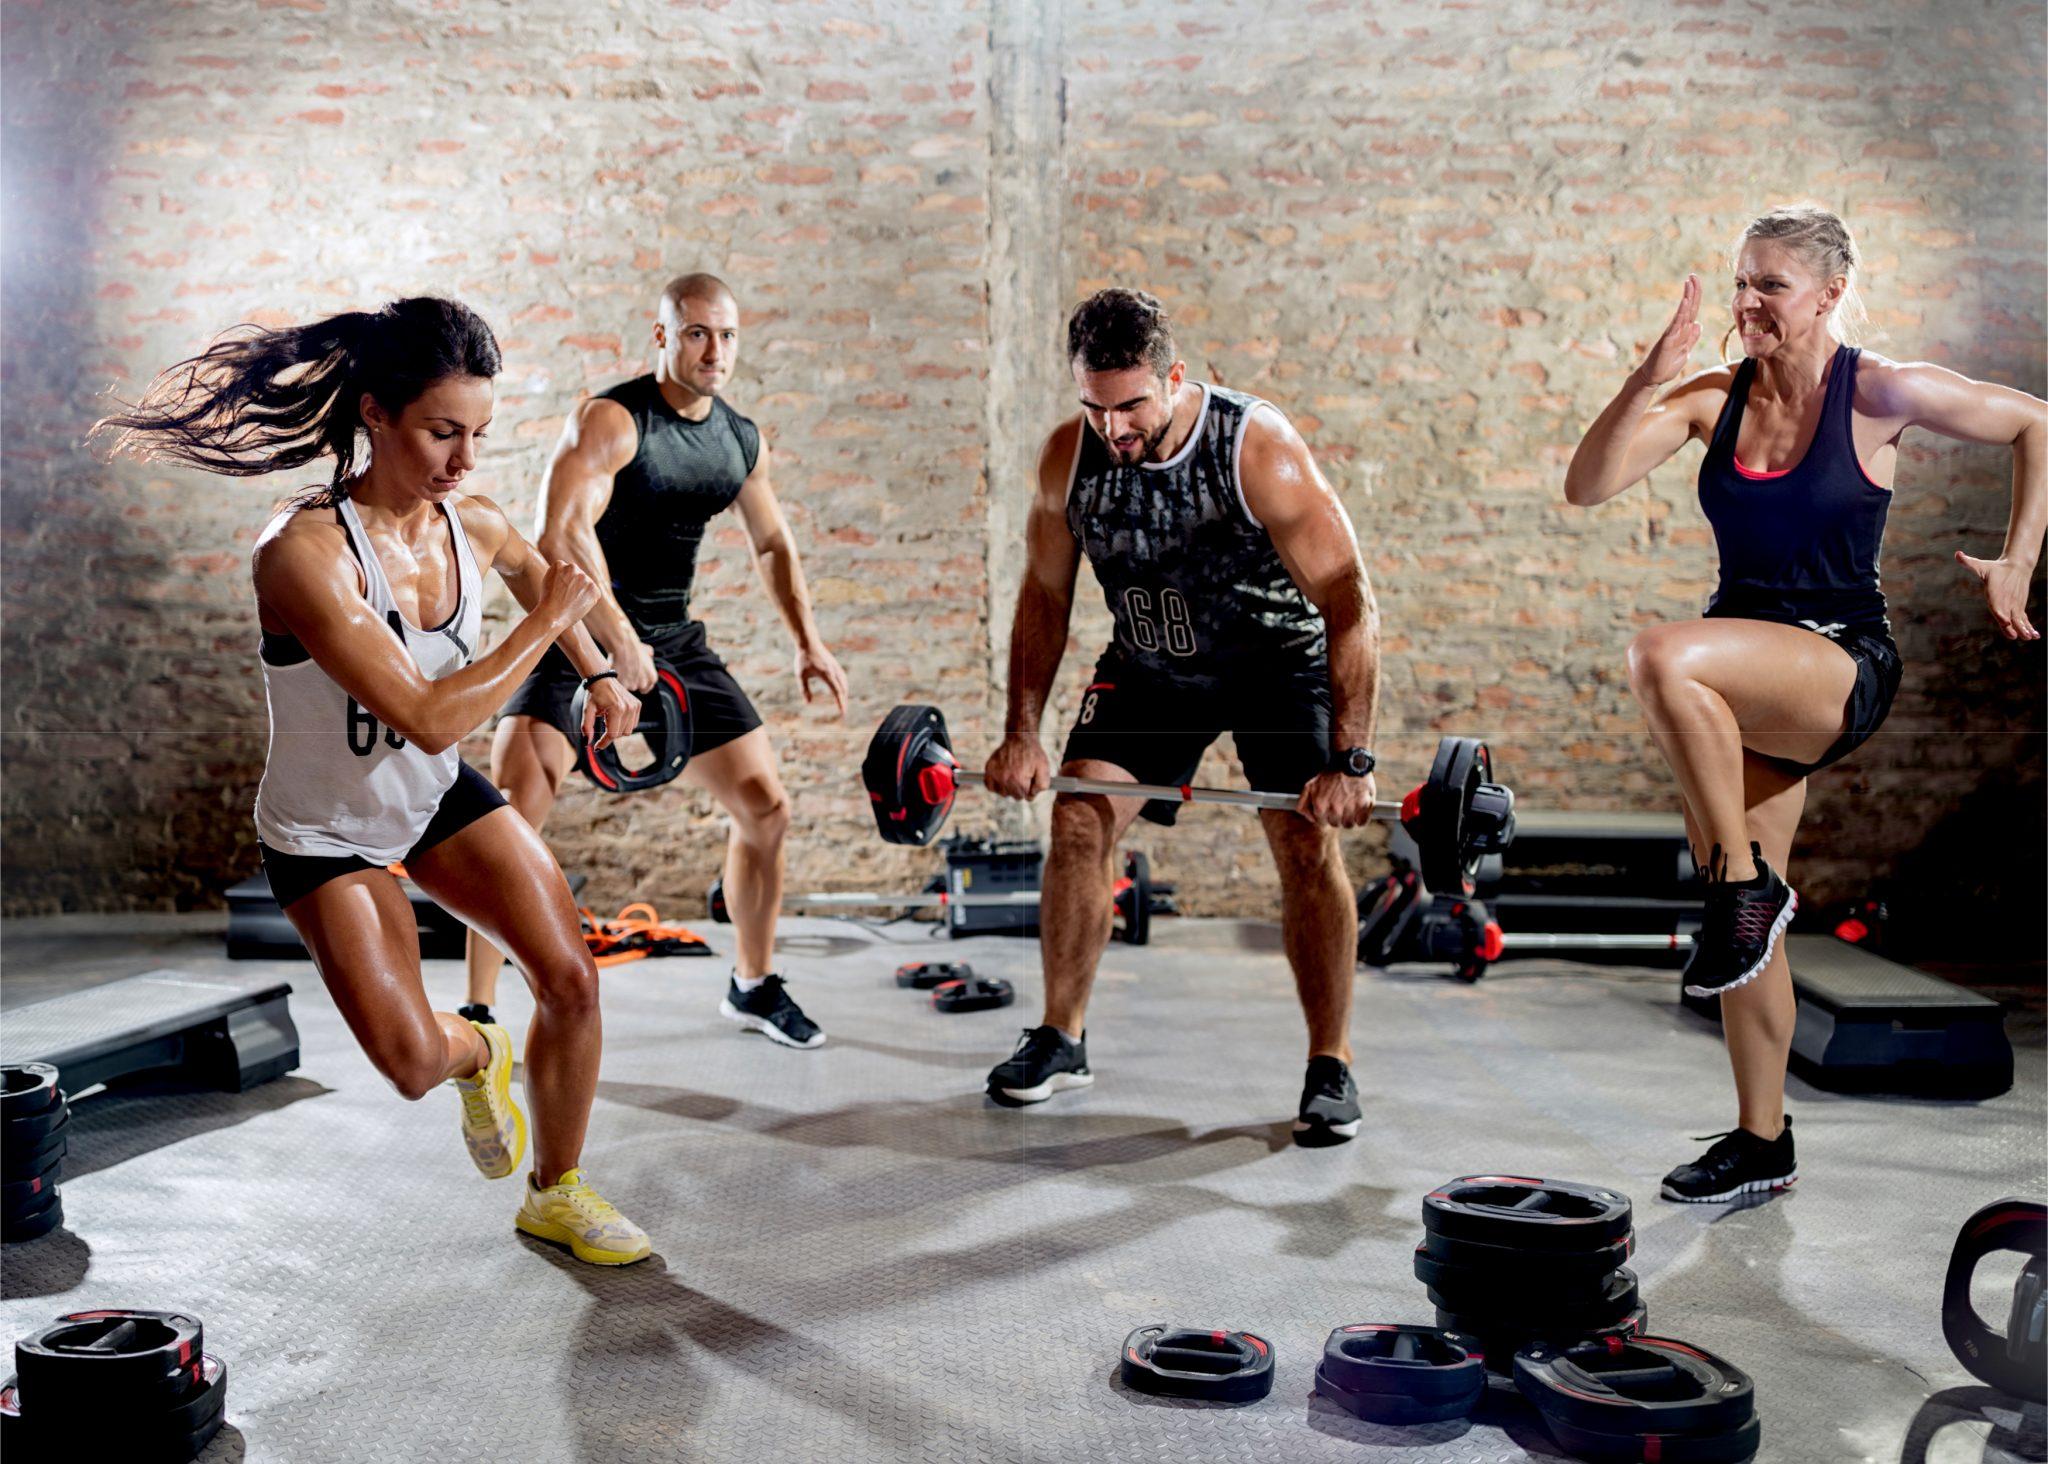 ジムでトレーニングしている男女4人